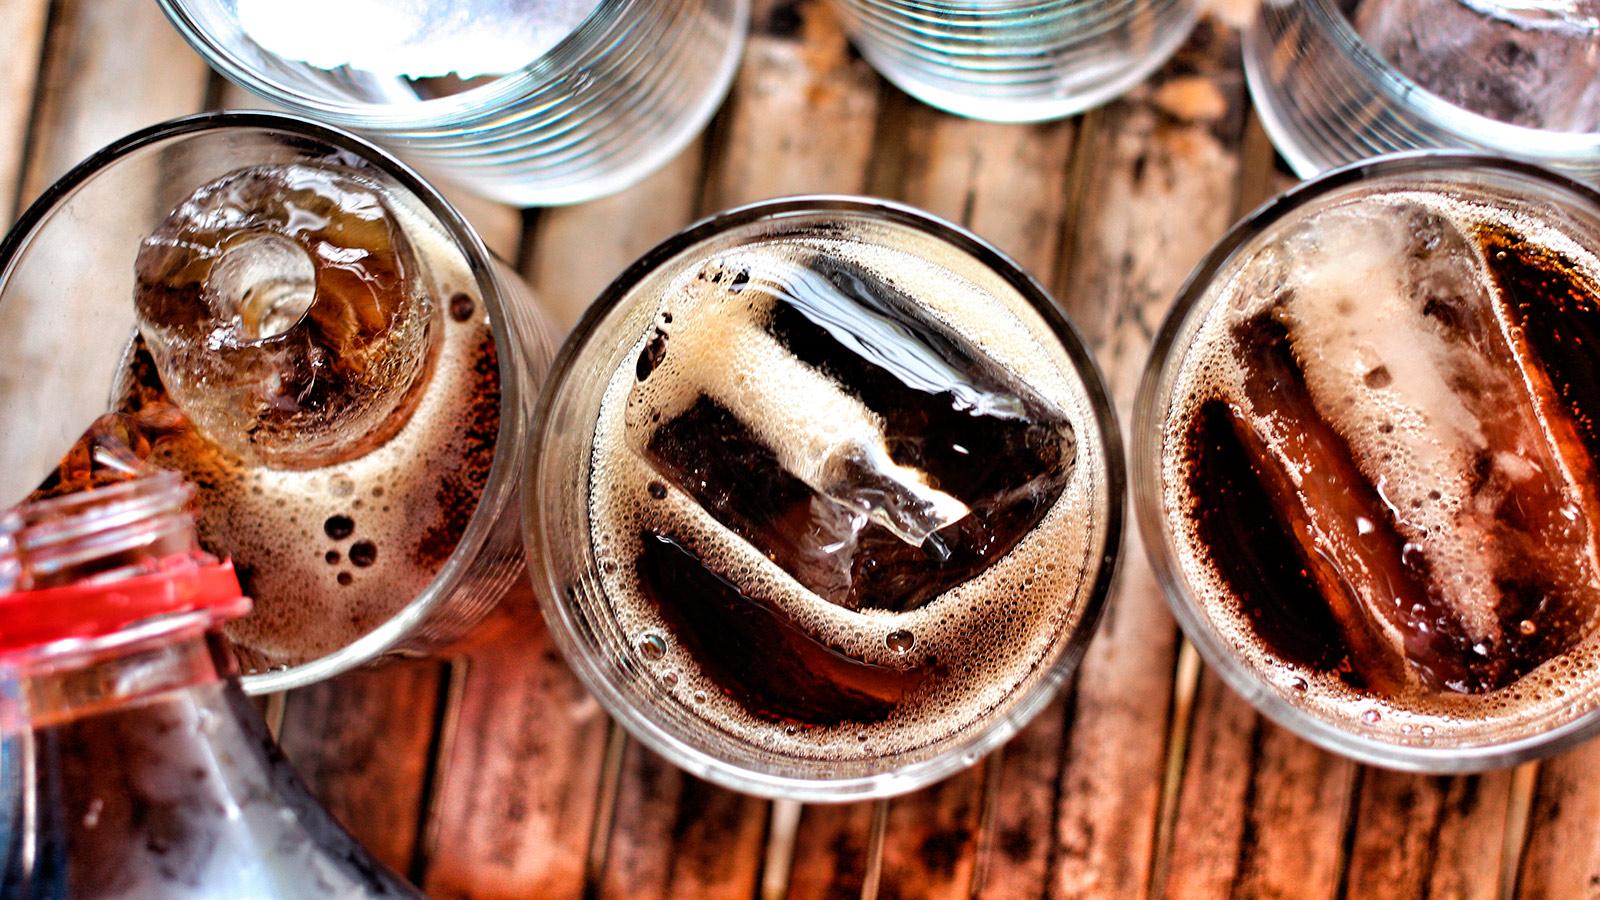 https://aguarochabranca.com.br/wp-content/uploads/2017/04/150471707_soda_refrigerante.jpg